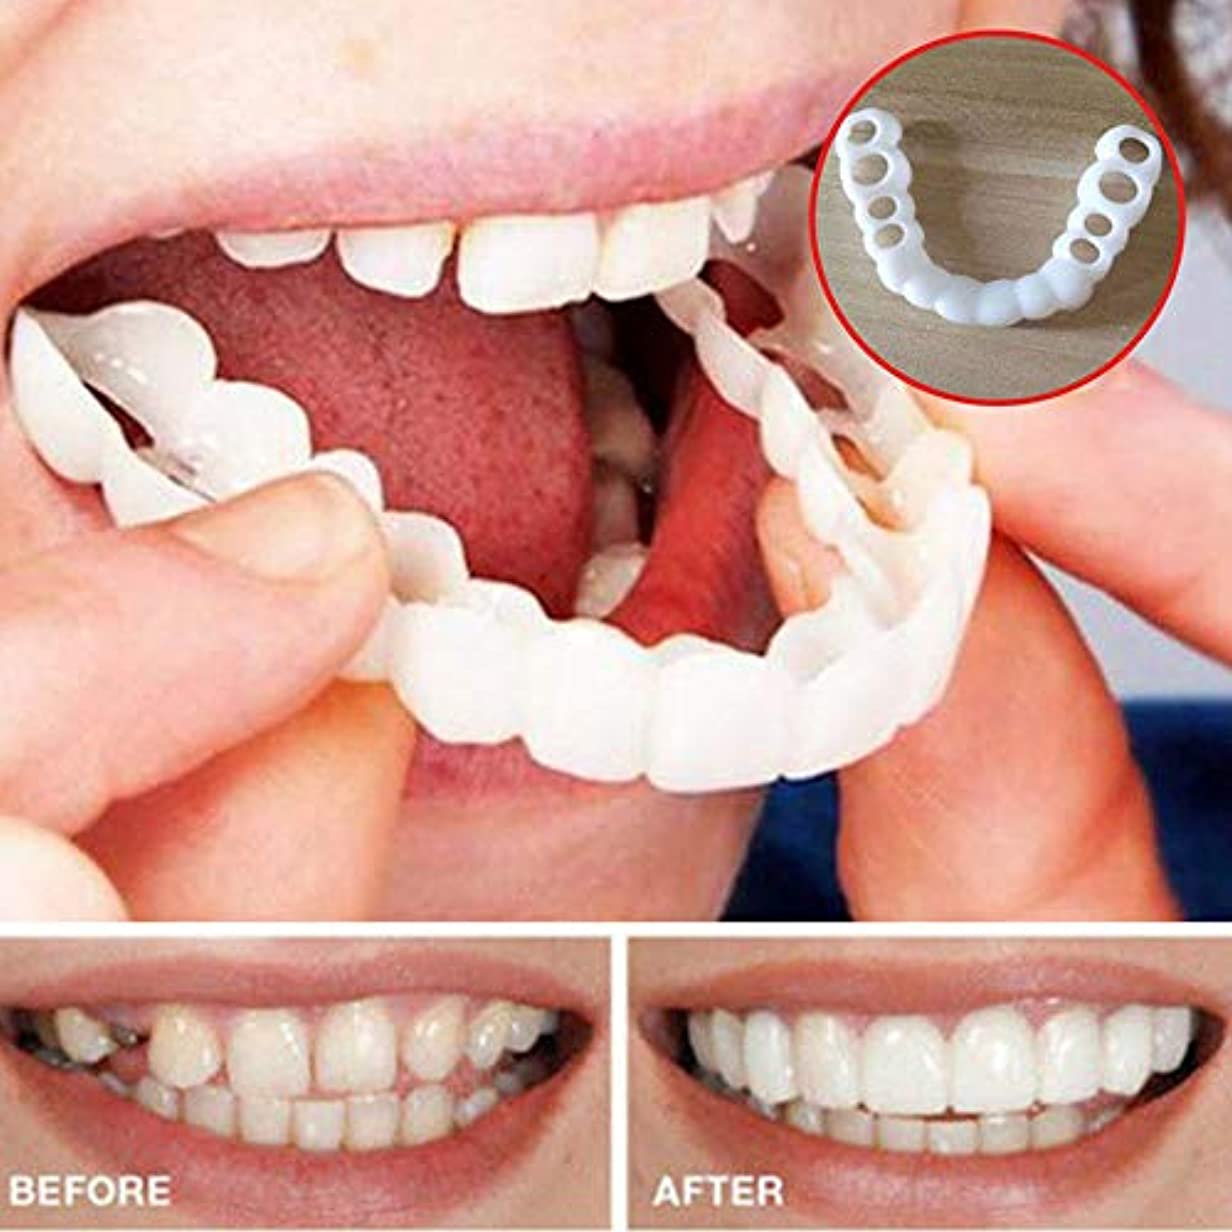 足緩める流暢シリコーンシミュレーション歯ホワイトニングブレース(6個),Lower